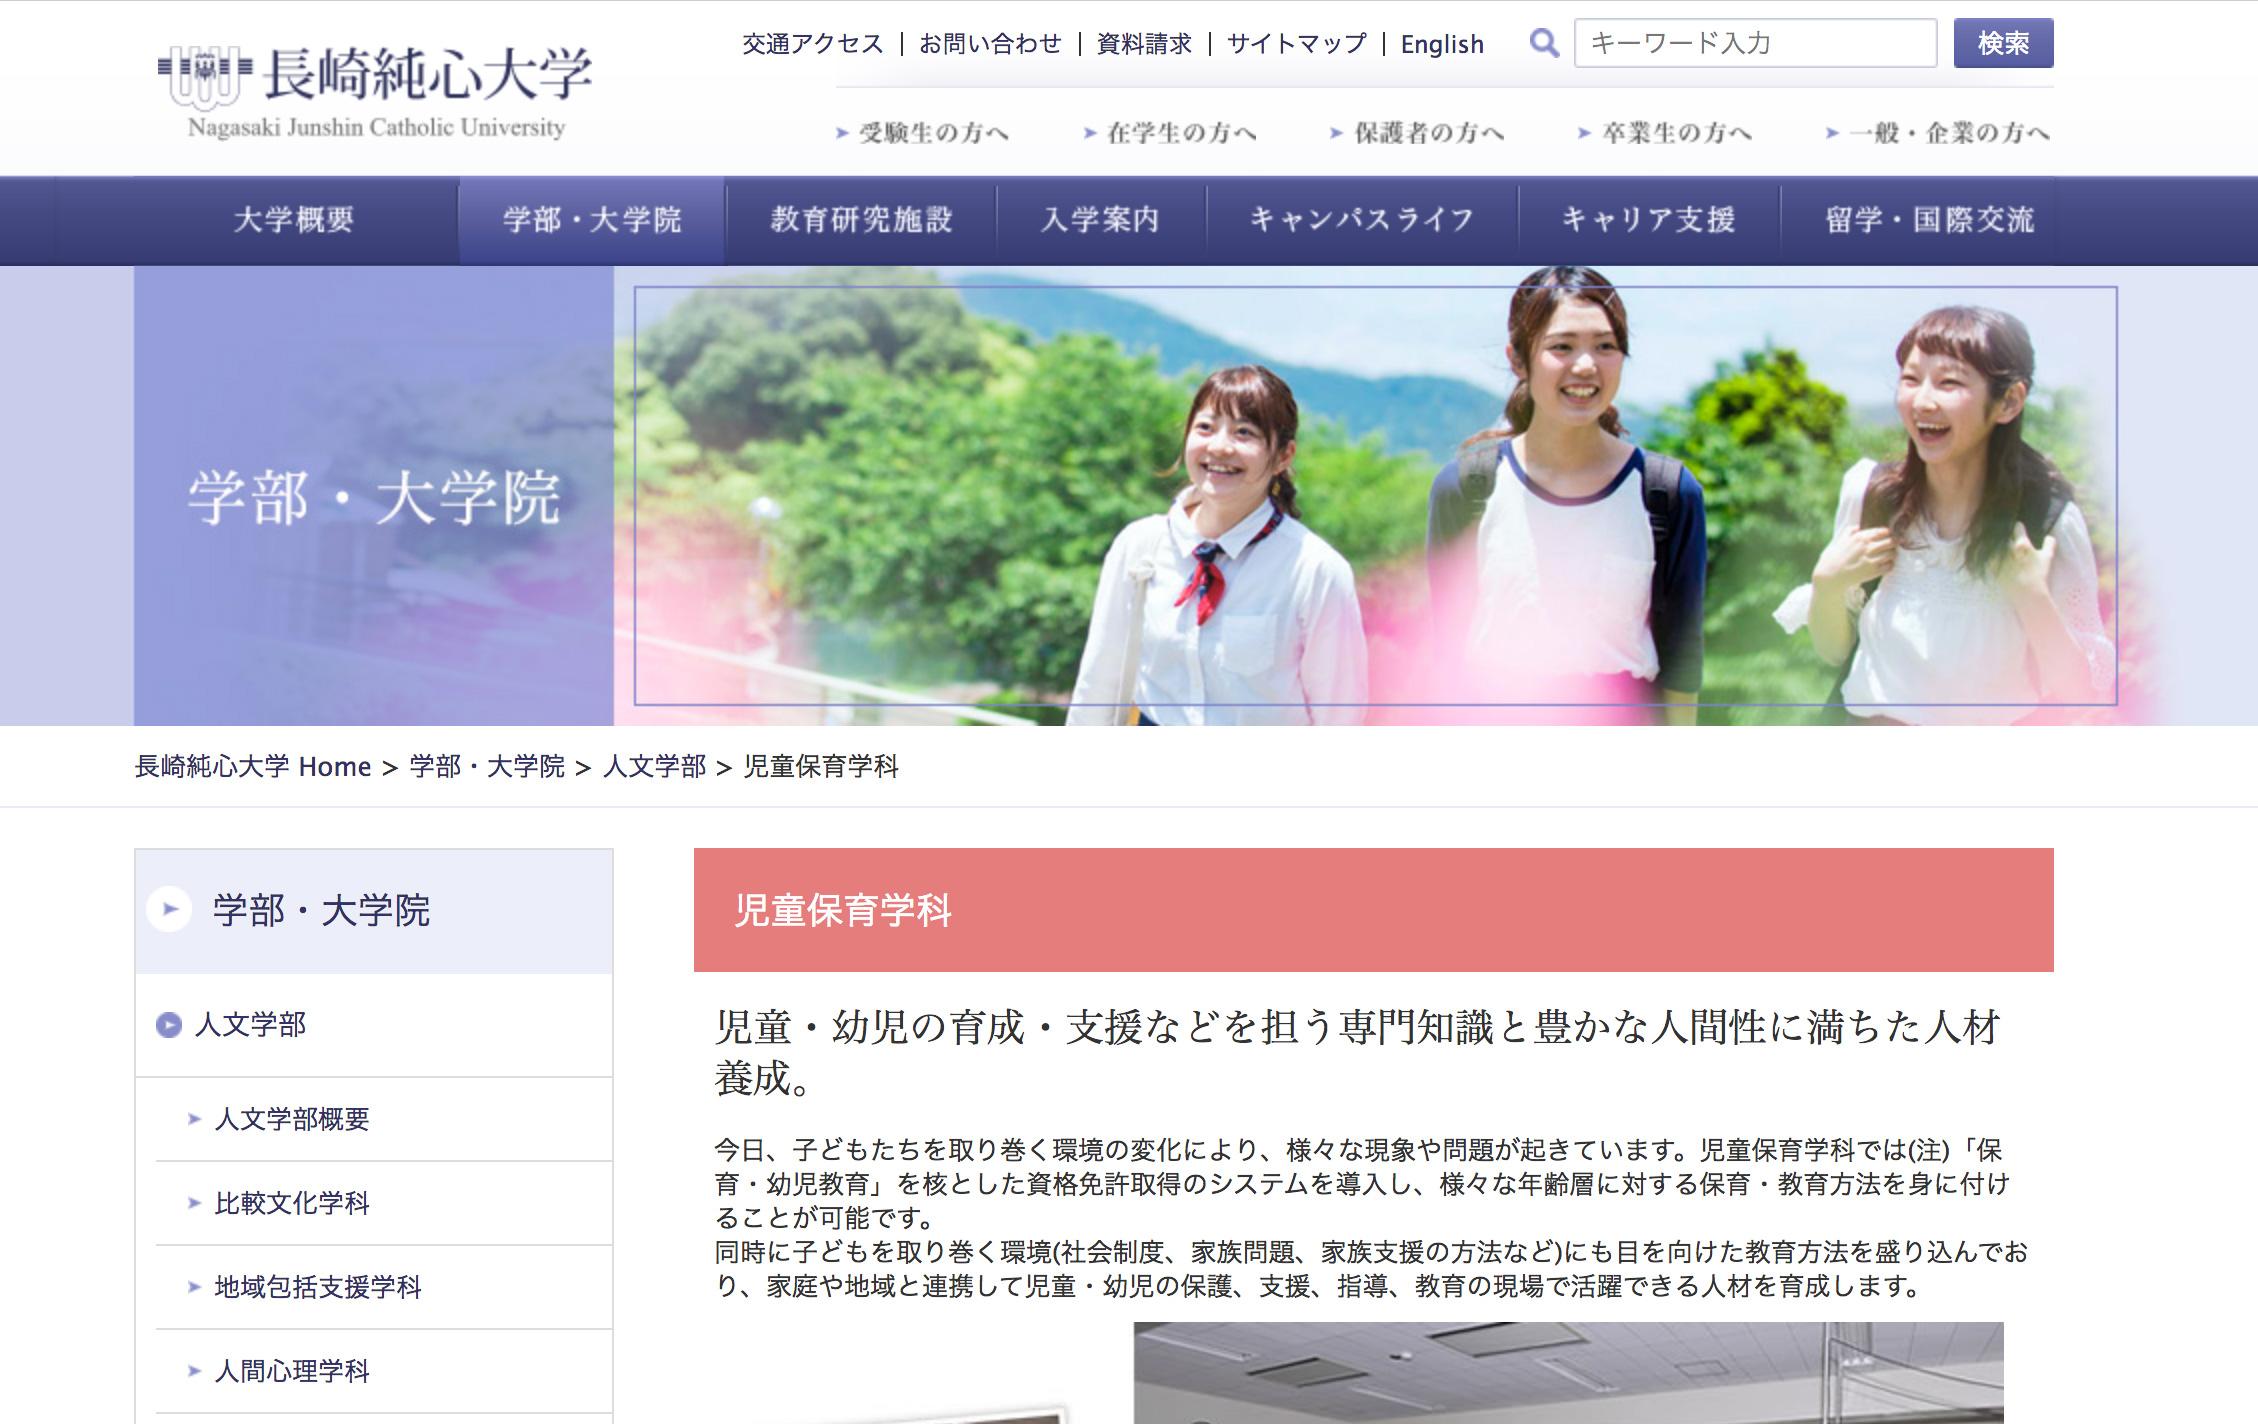 長崎純心大学 人文学部 児童保育学科のホームページ